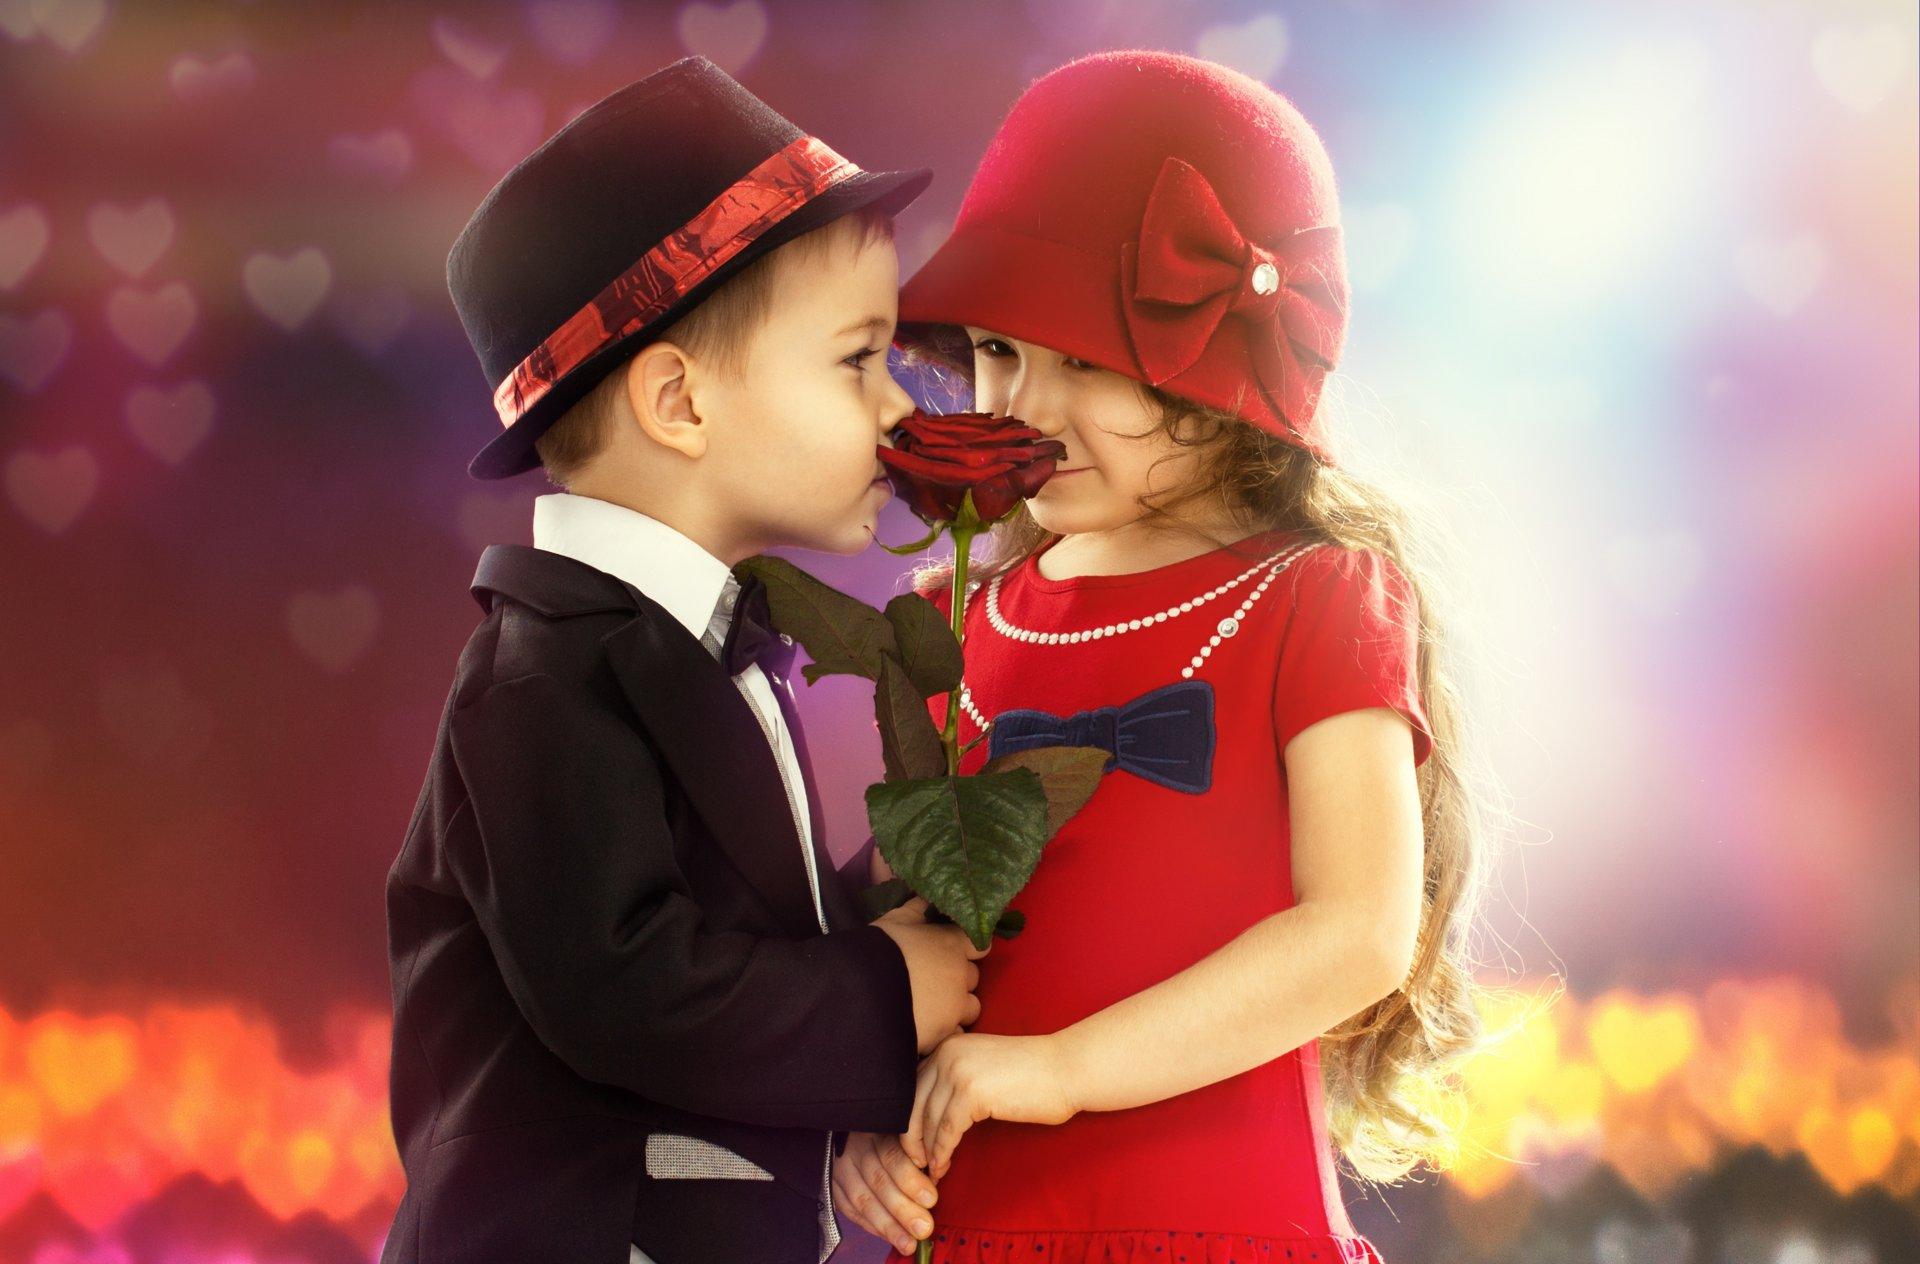 Прикольные картинки для девушек про любовь